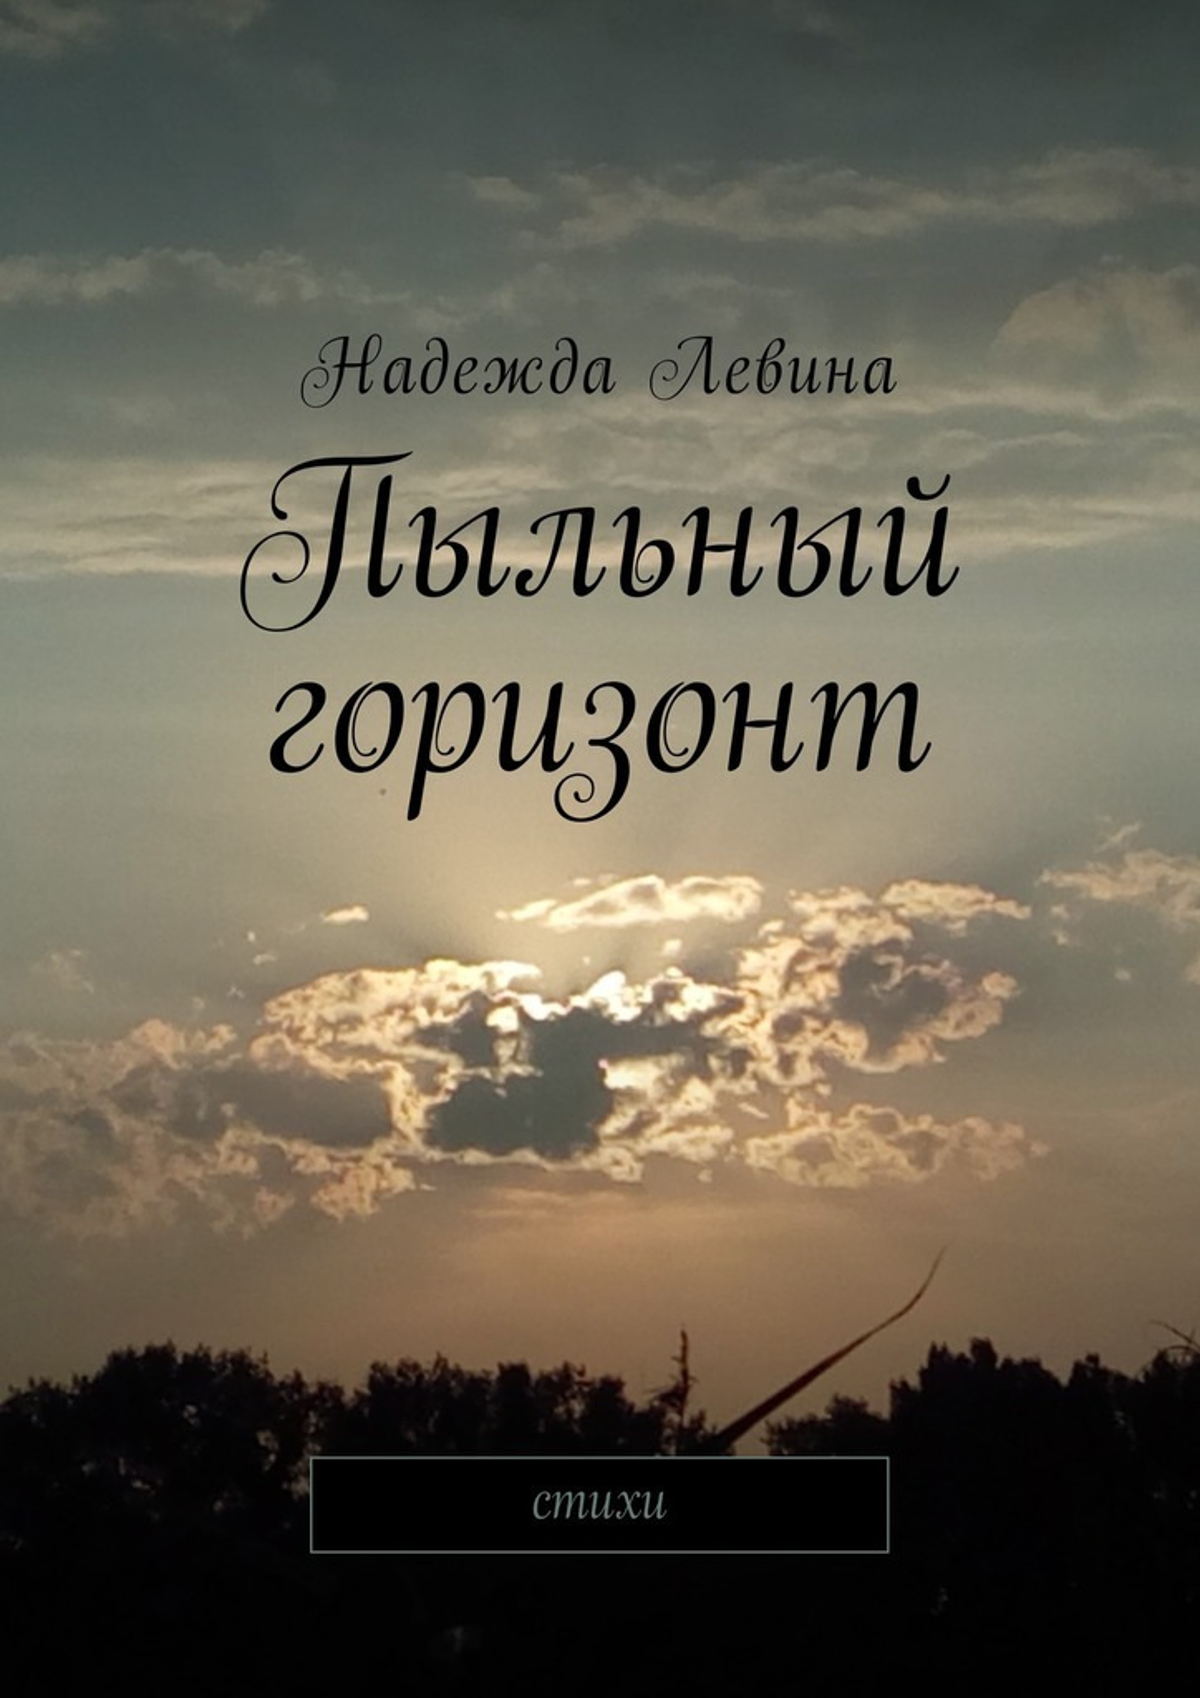 Надежда Левина Пыльный горизонт. Стихи